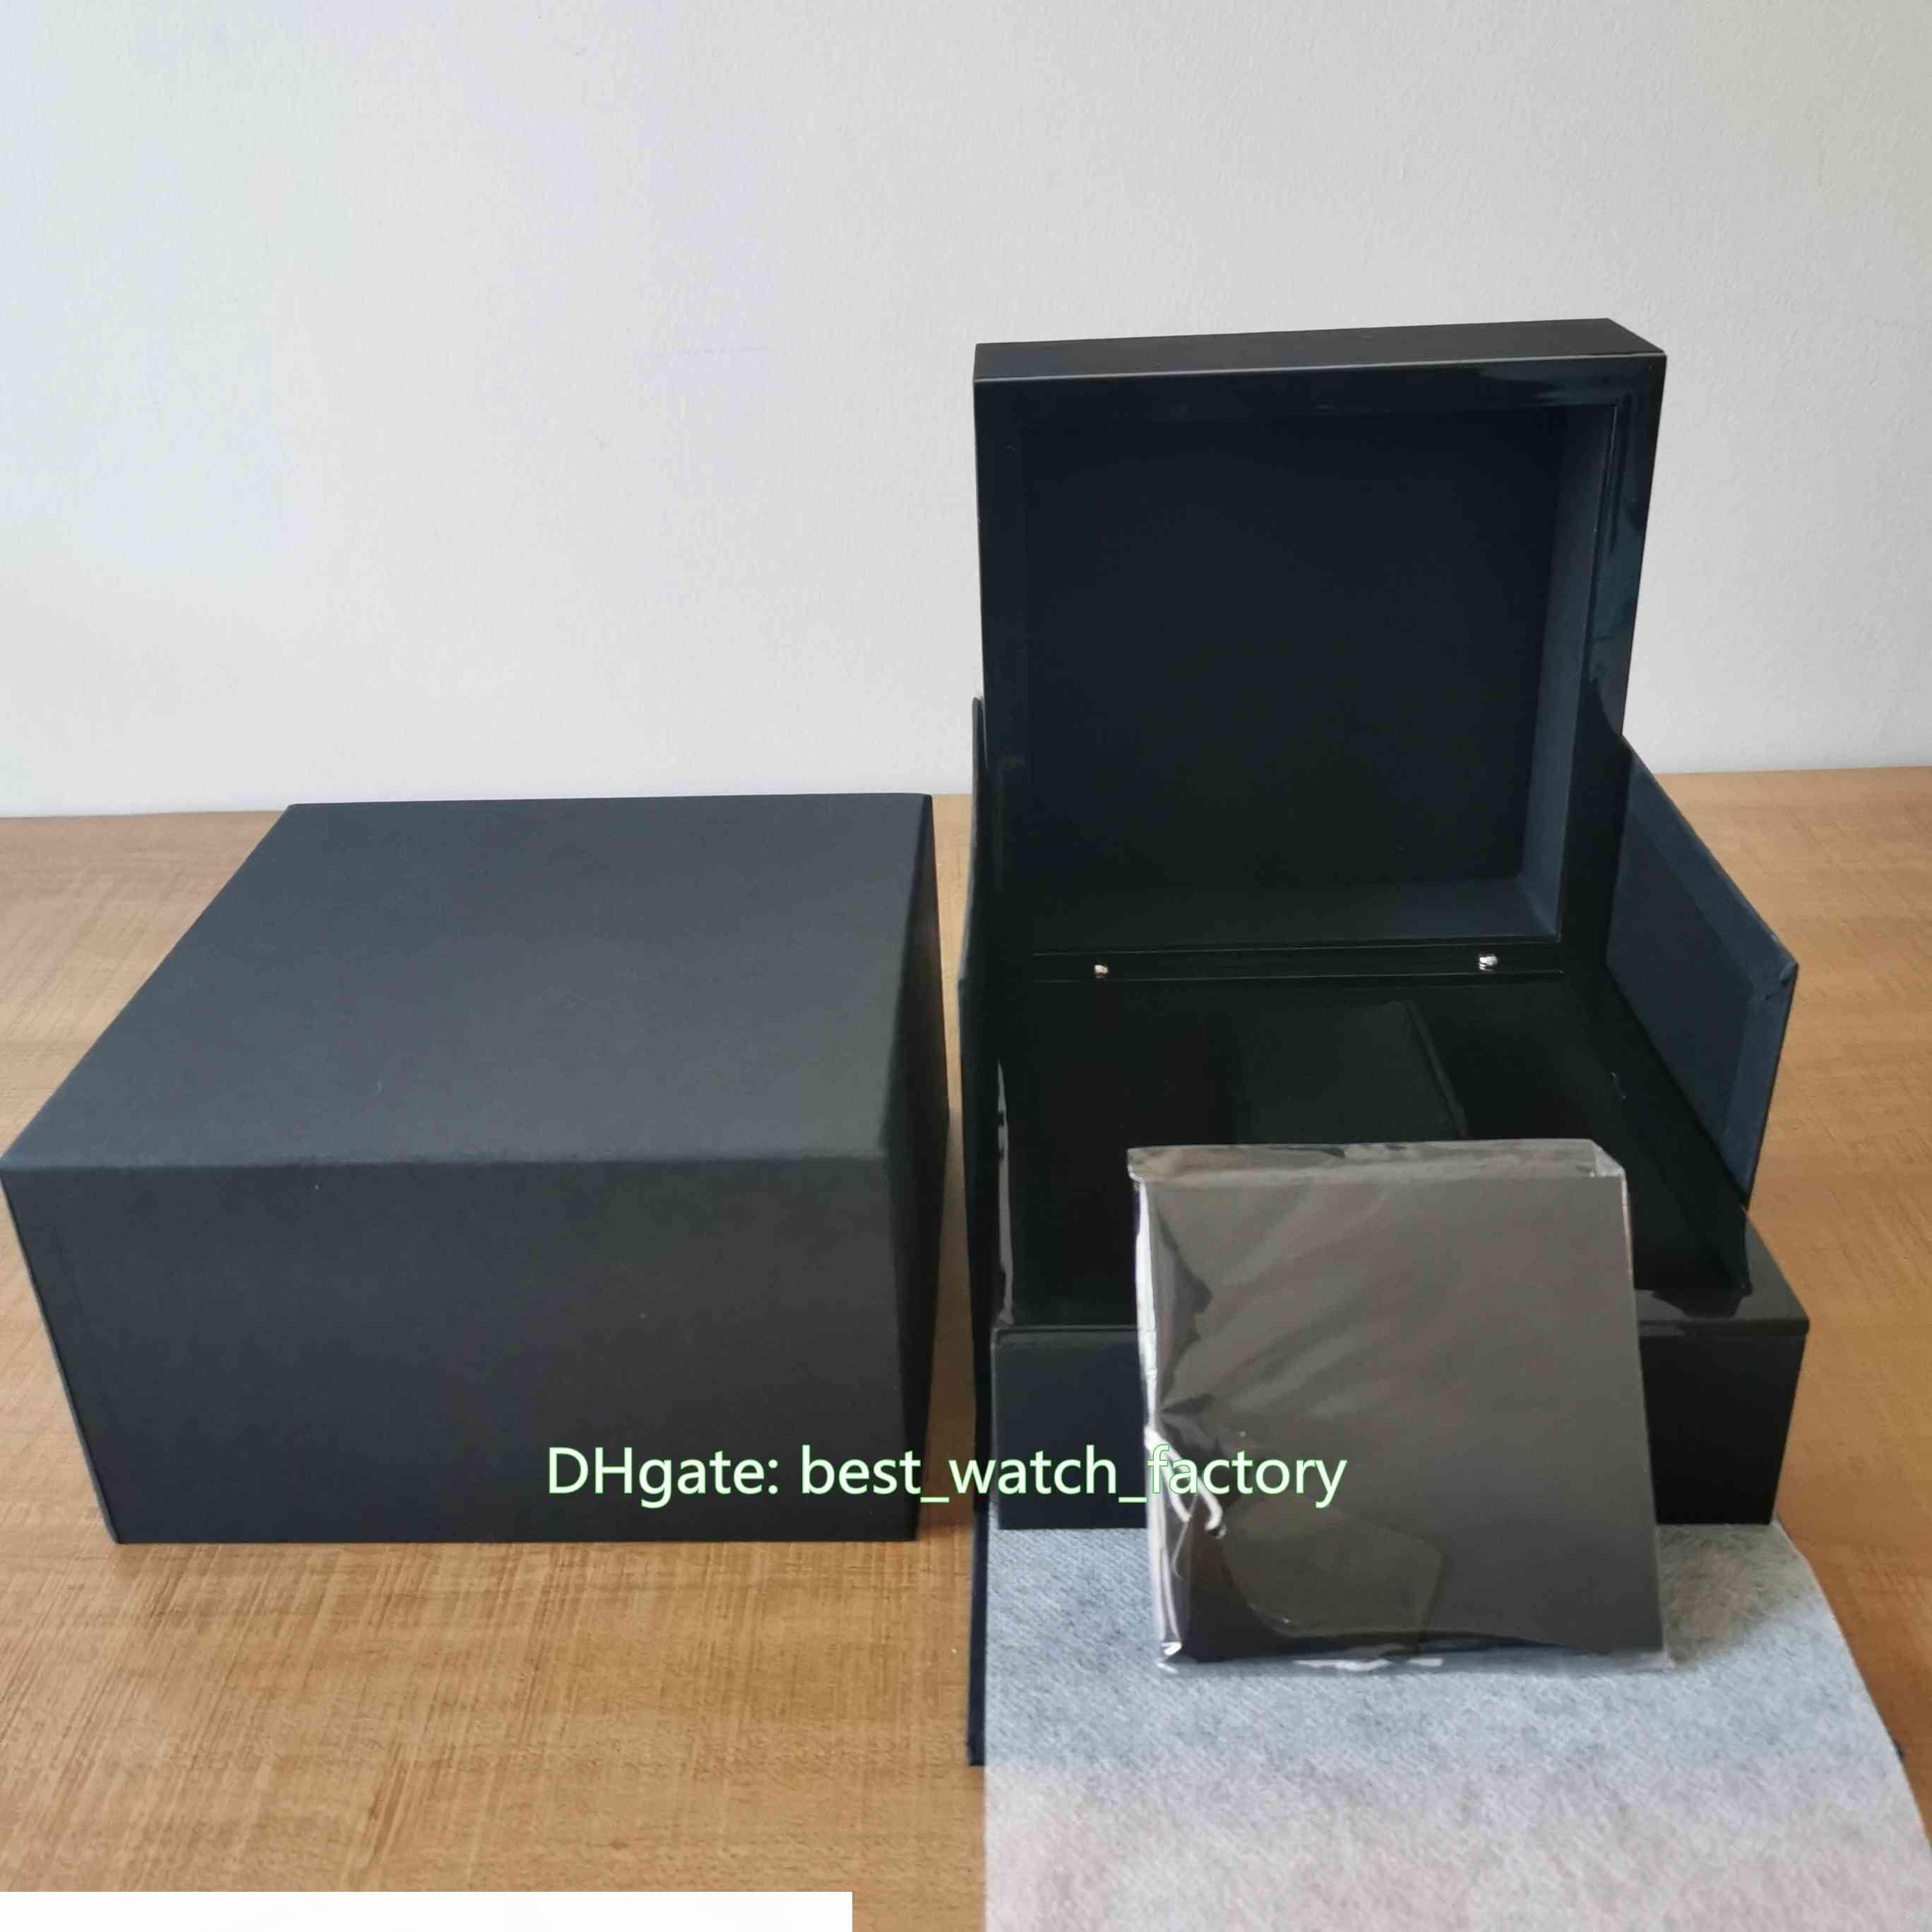 Vendita caldi di alta qualità di RM 056 035 001 cuoio della vigilanza scatola originale Papers Scatole della borsa per Yohan Blake cronografo flyback 7750 Orologi